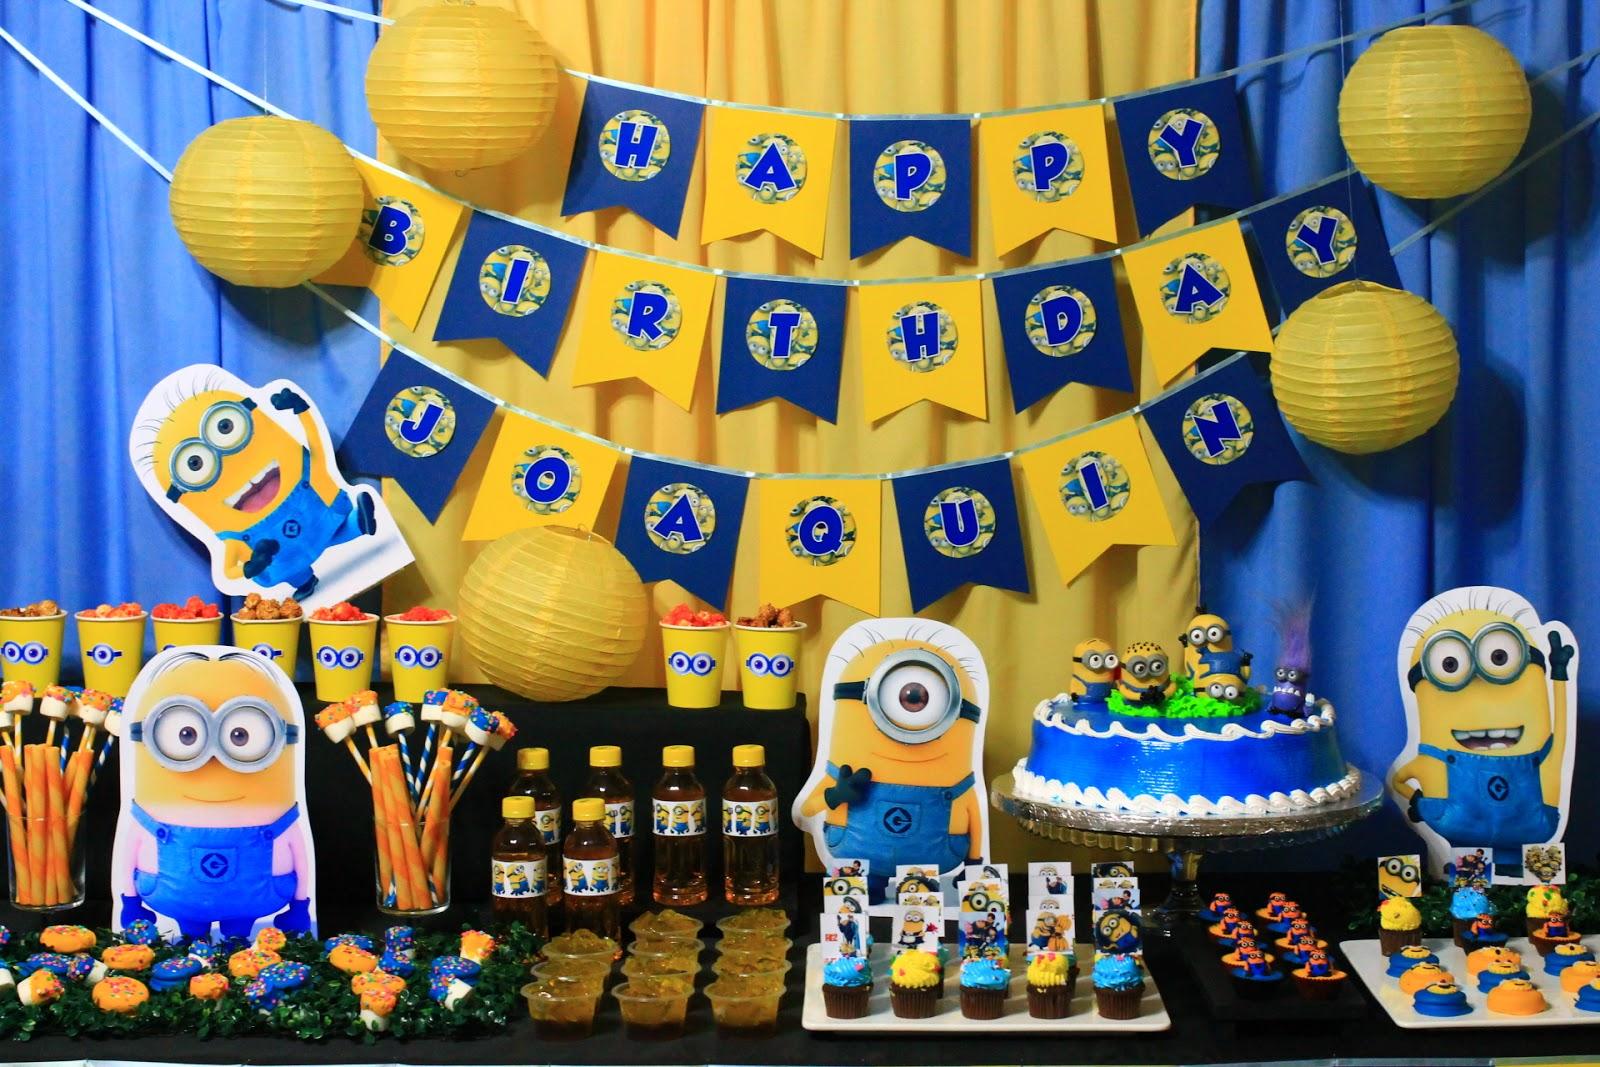 глубине день рождения миньоны 10 лет ряд идей